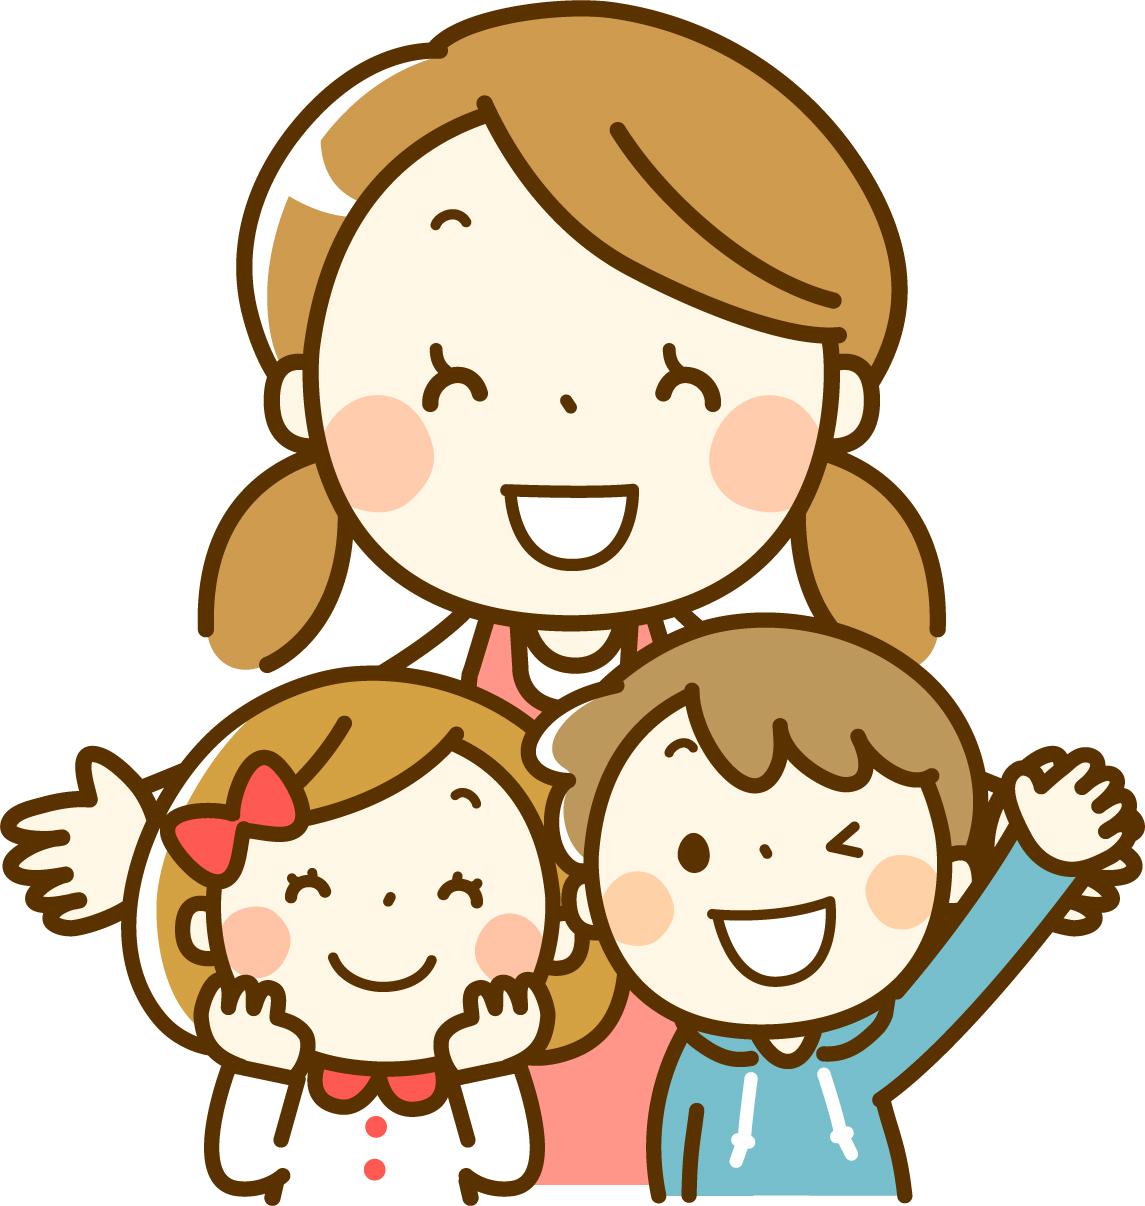 幼稚園の先生とお友達と一緒